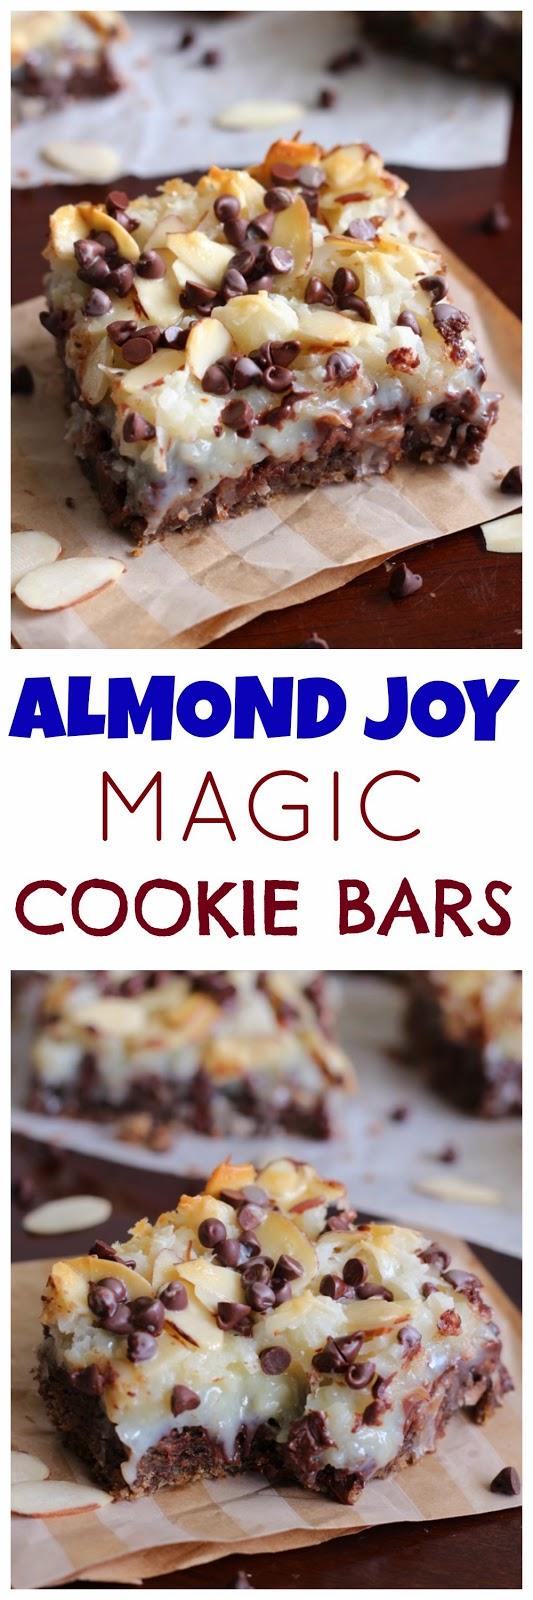 Almond Joy Filling Cake